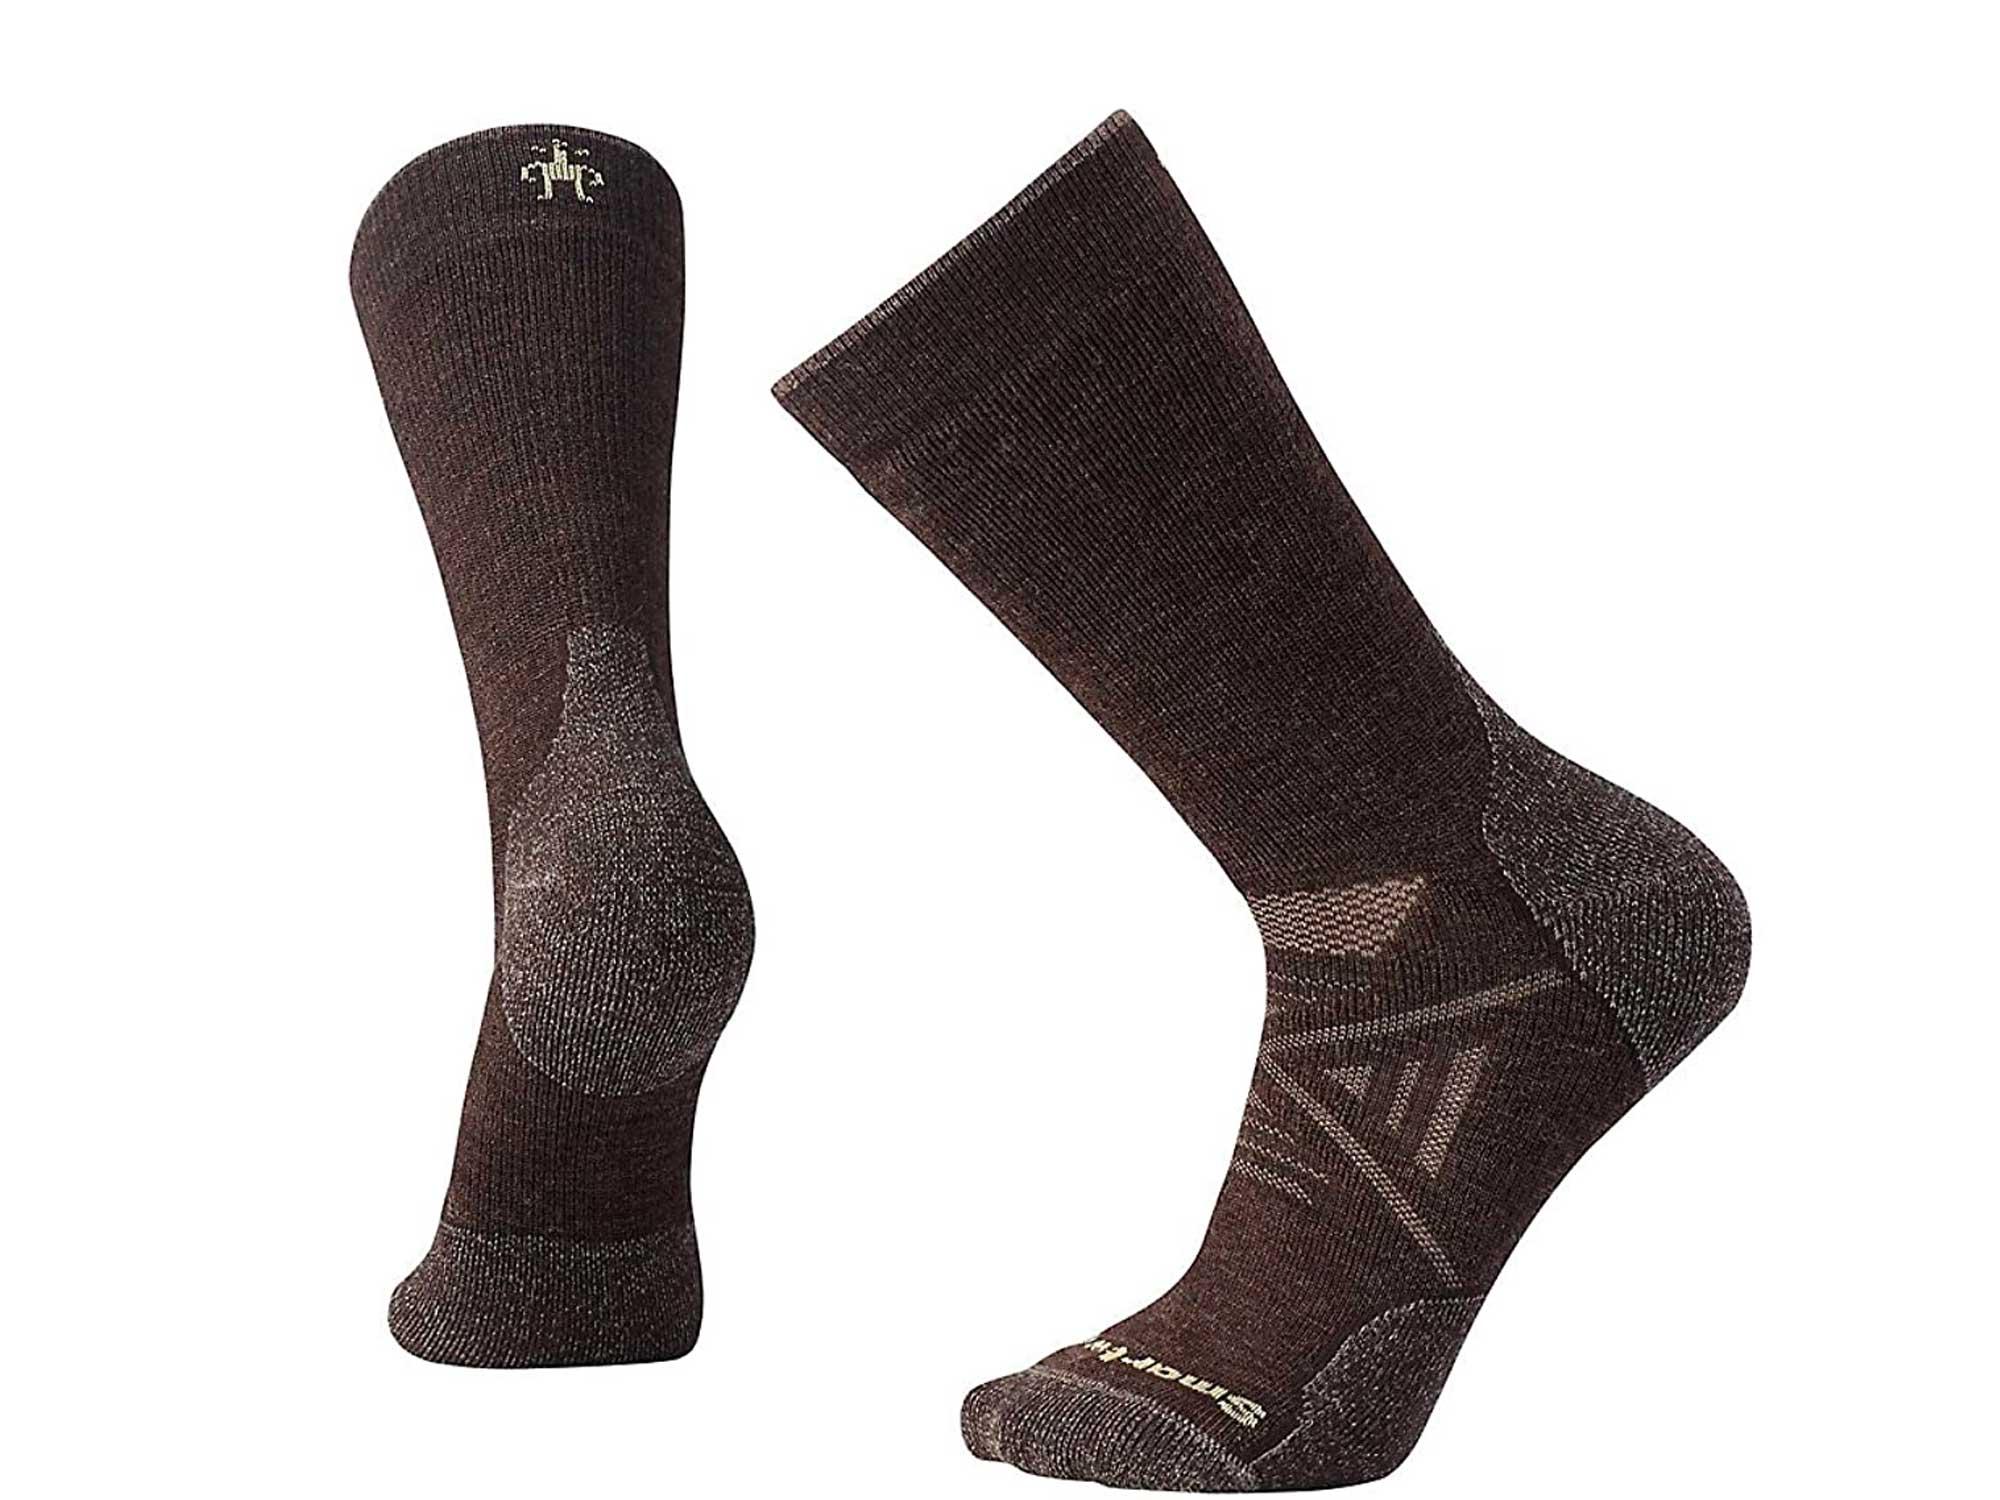 Smartwool mens Phd Outdoor Medium Crew Socks